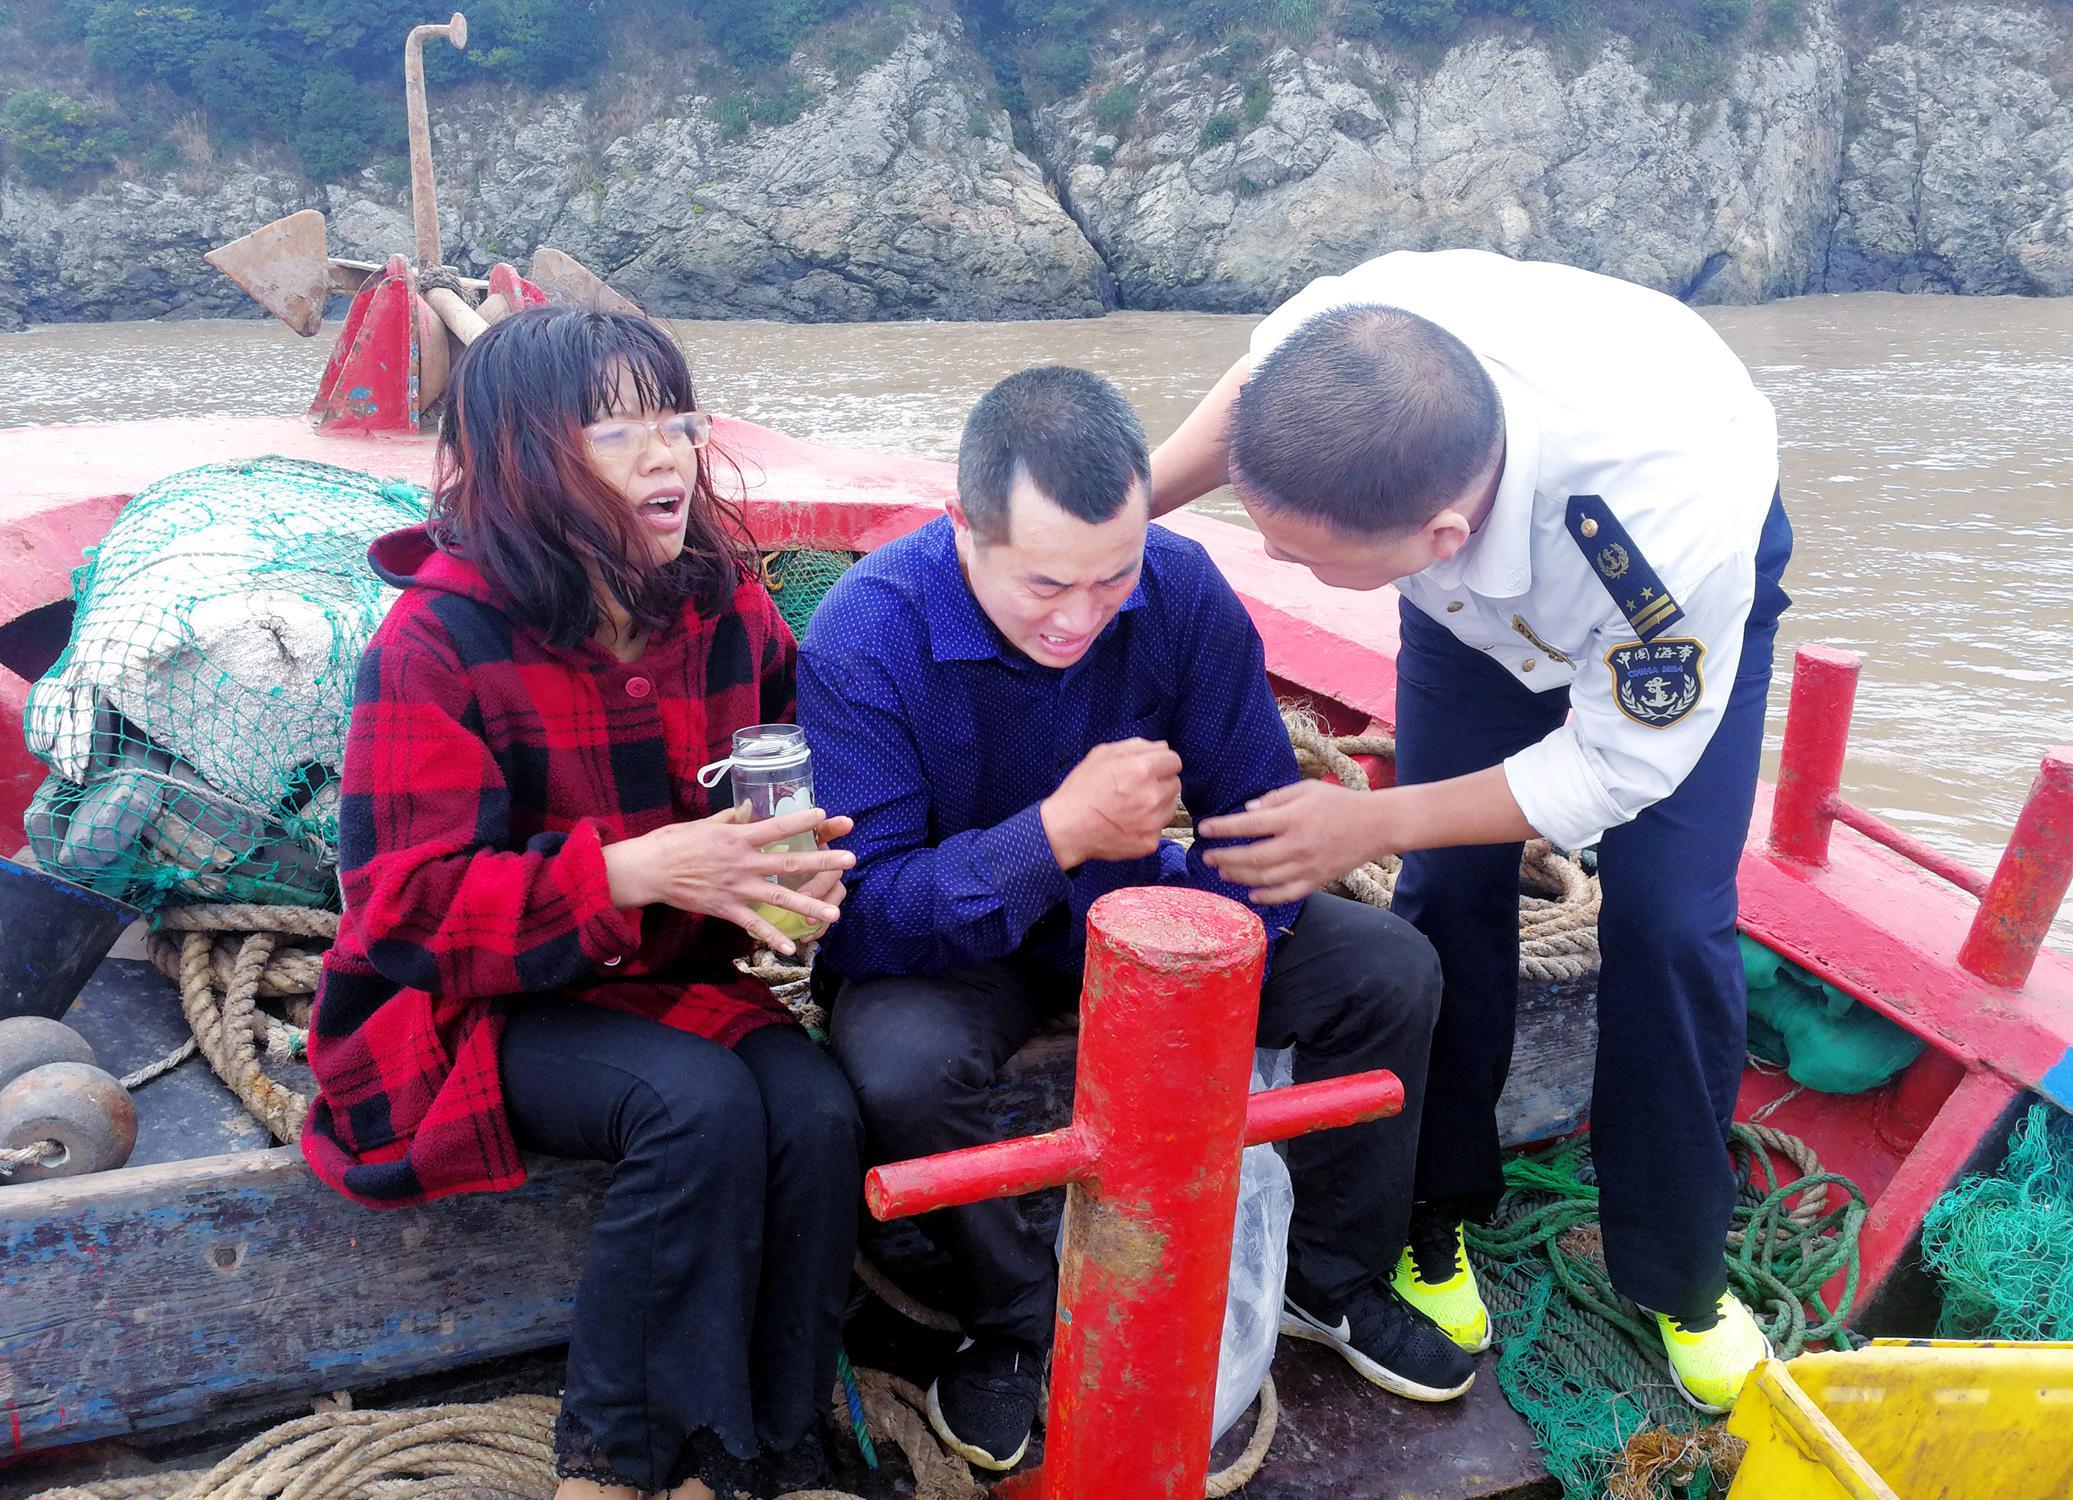 浙江货船失事船员夫妻落海:相互鼓励漂一夜到小岛